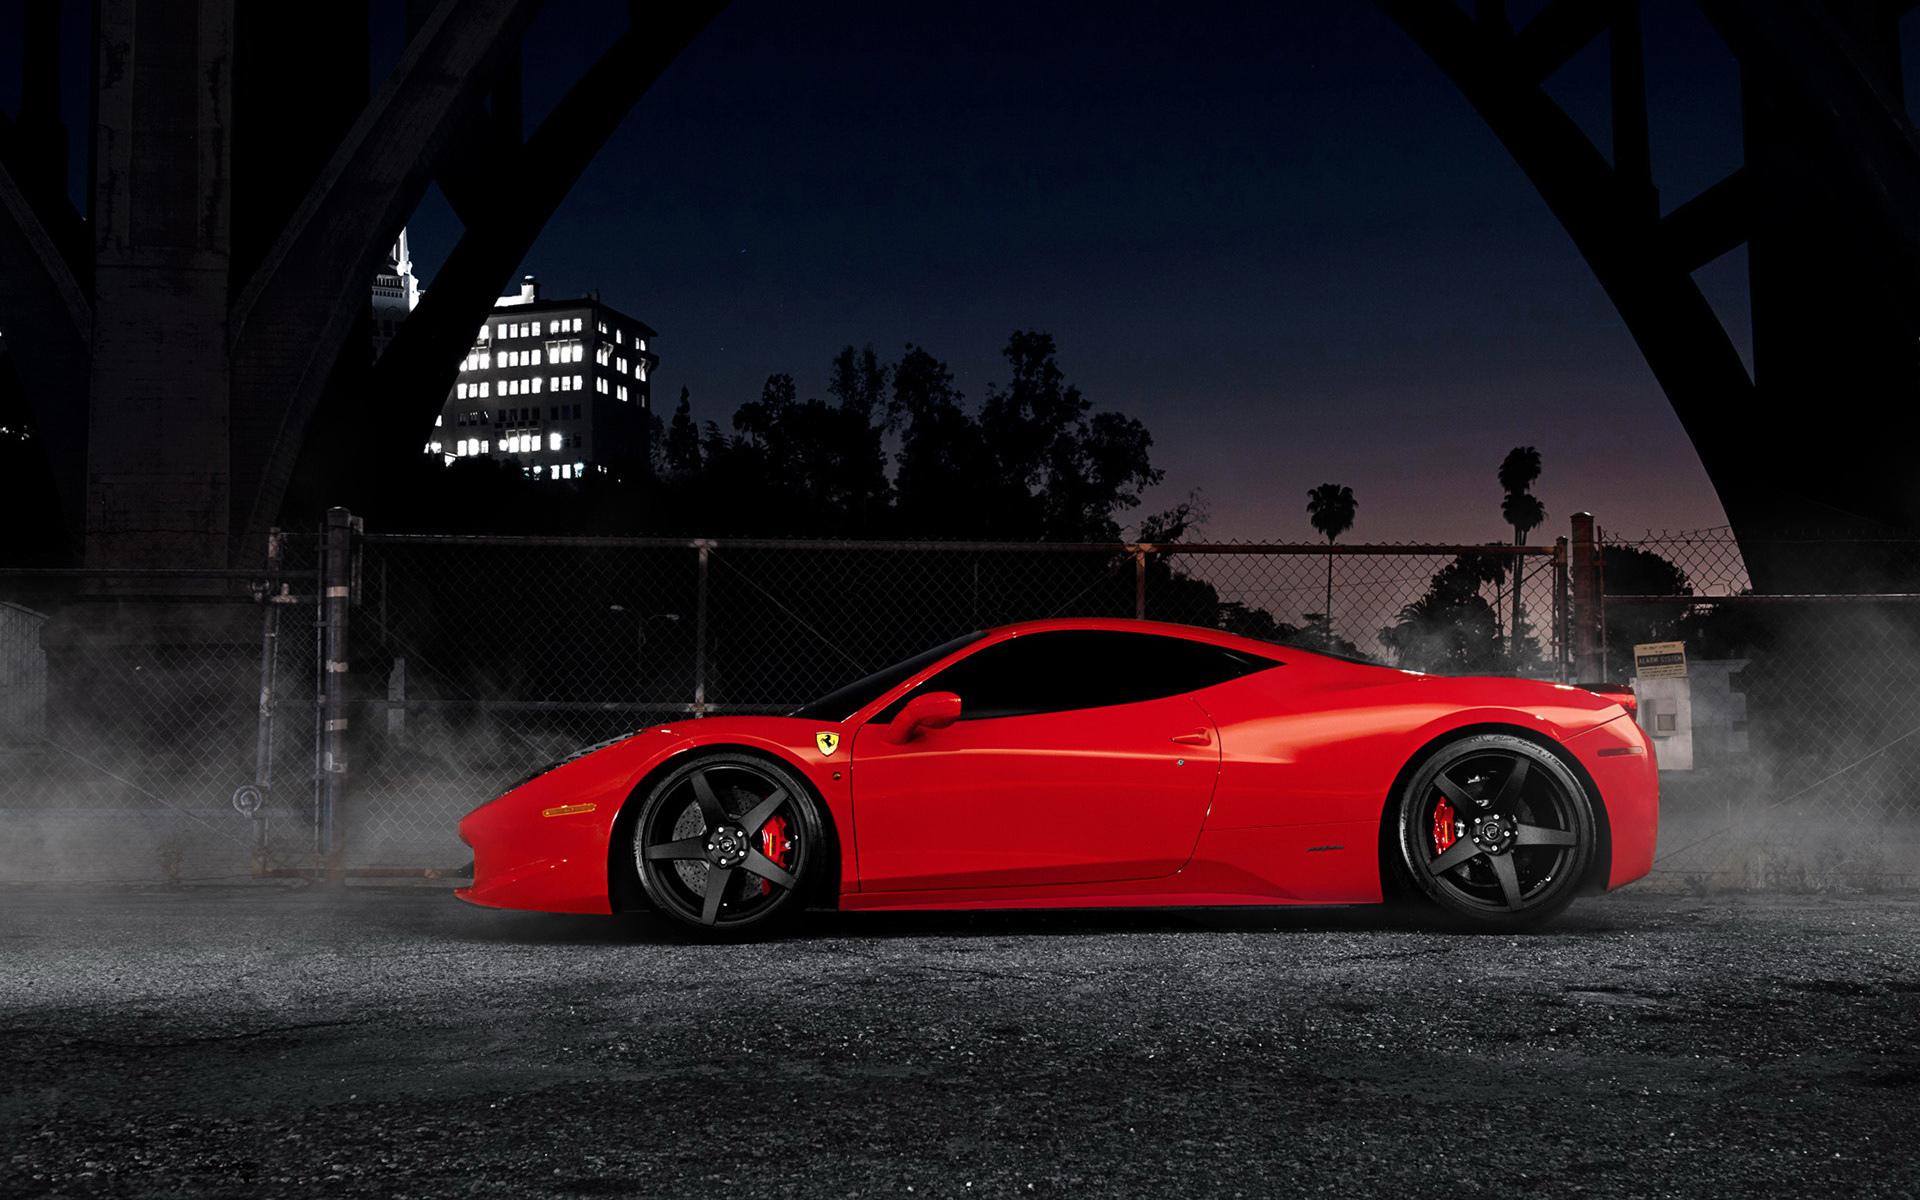 Ferrari 458 Car Wallpaper 22395